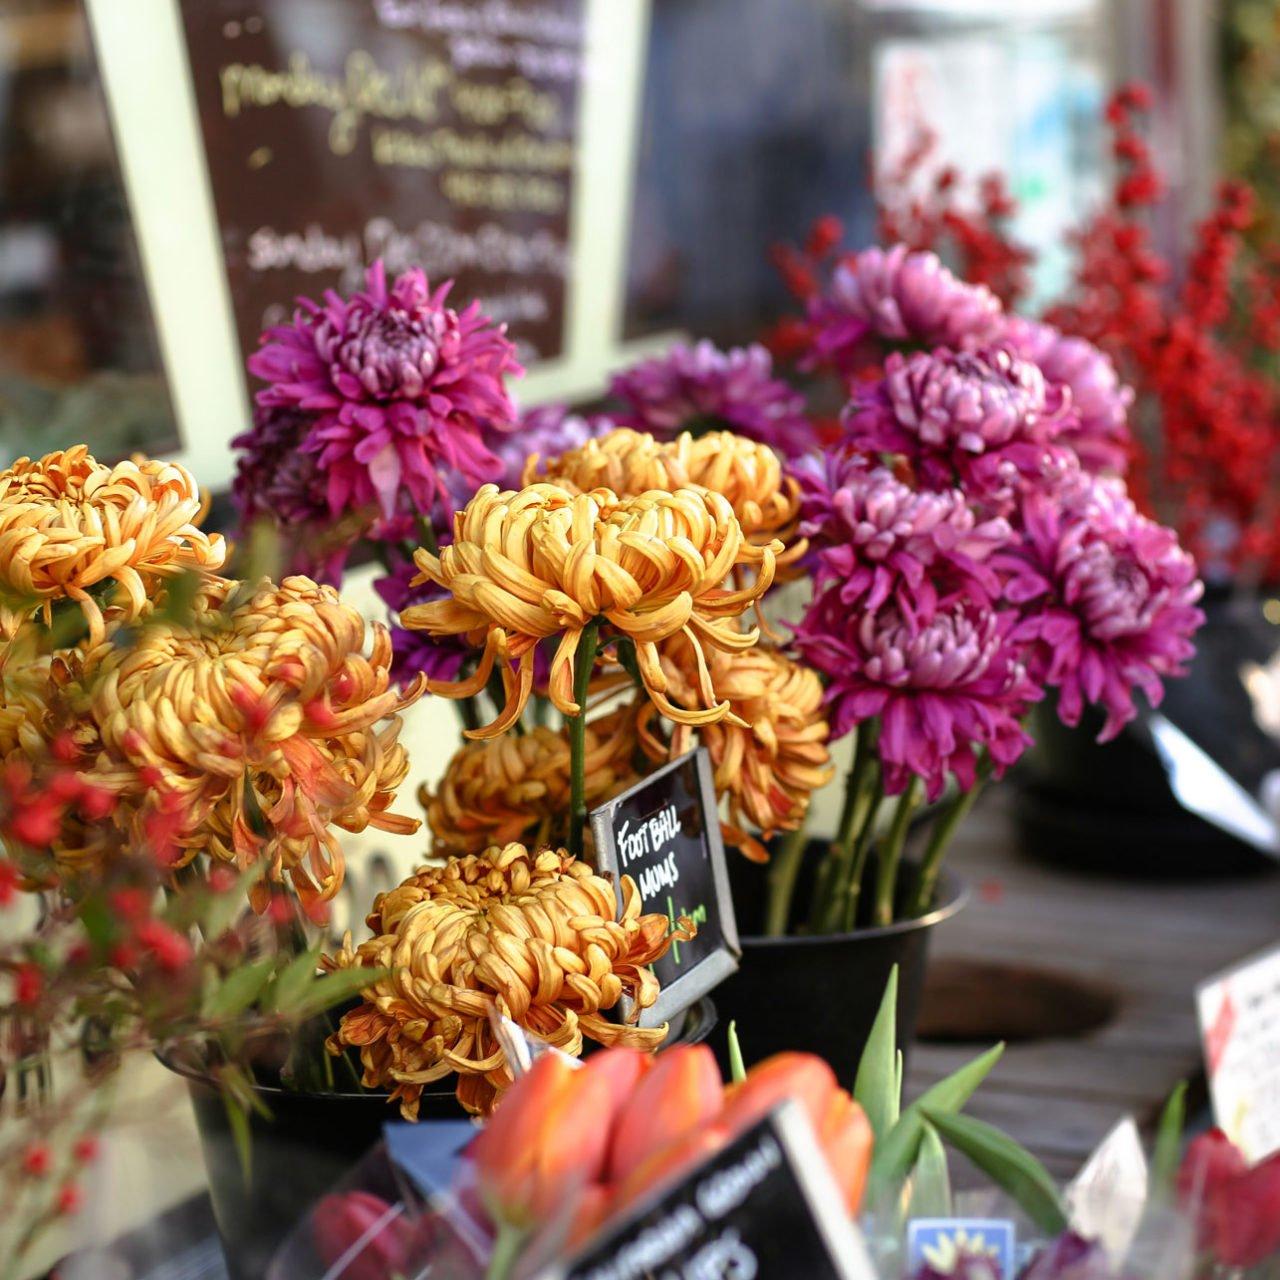 Barbers Flowers